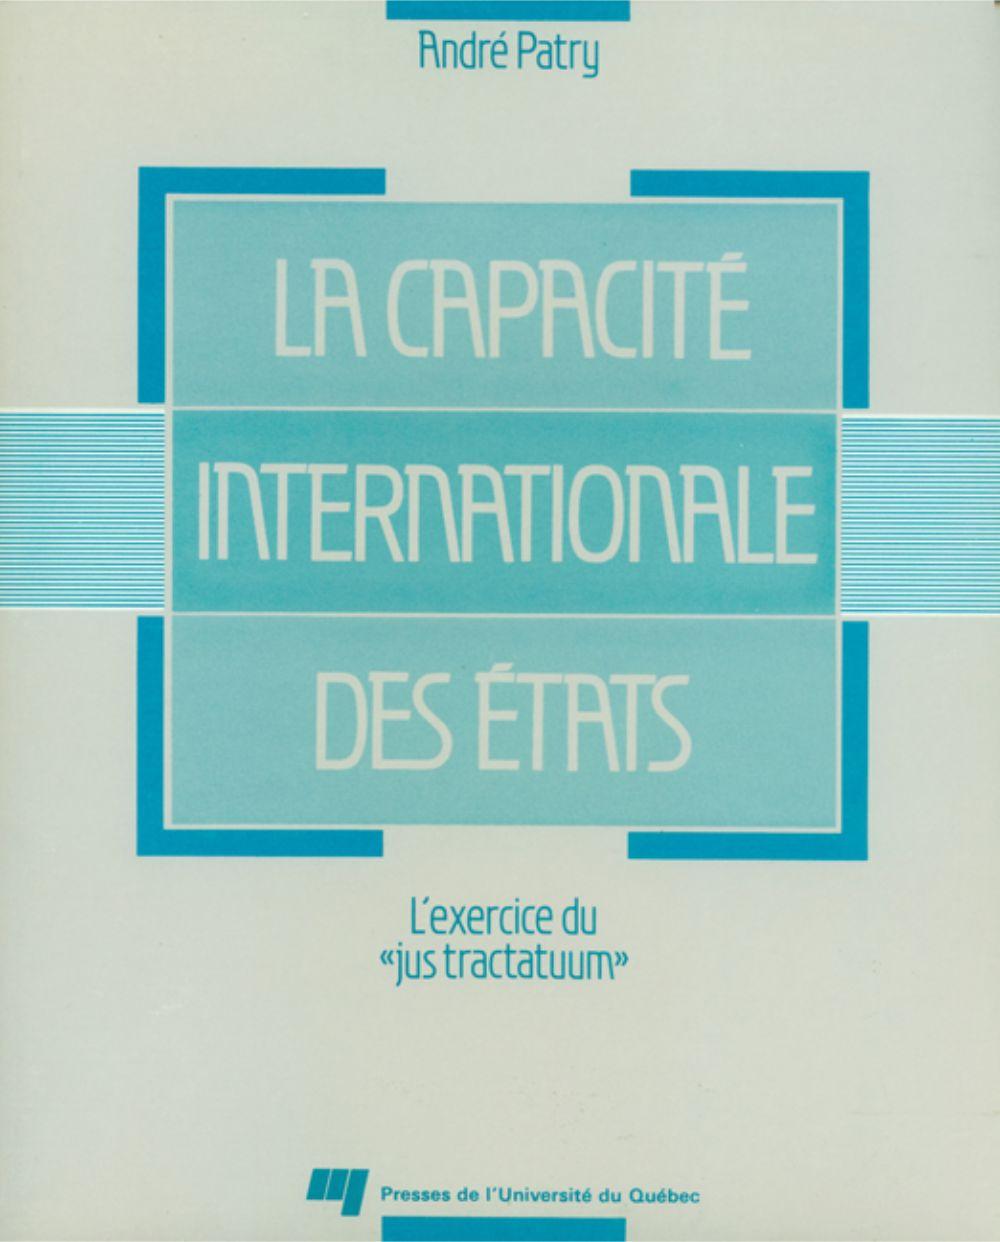 La capacité internationale des états